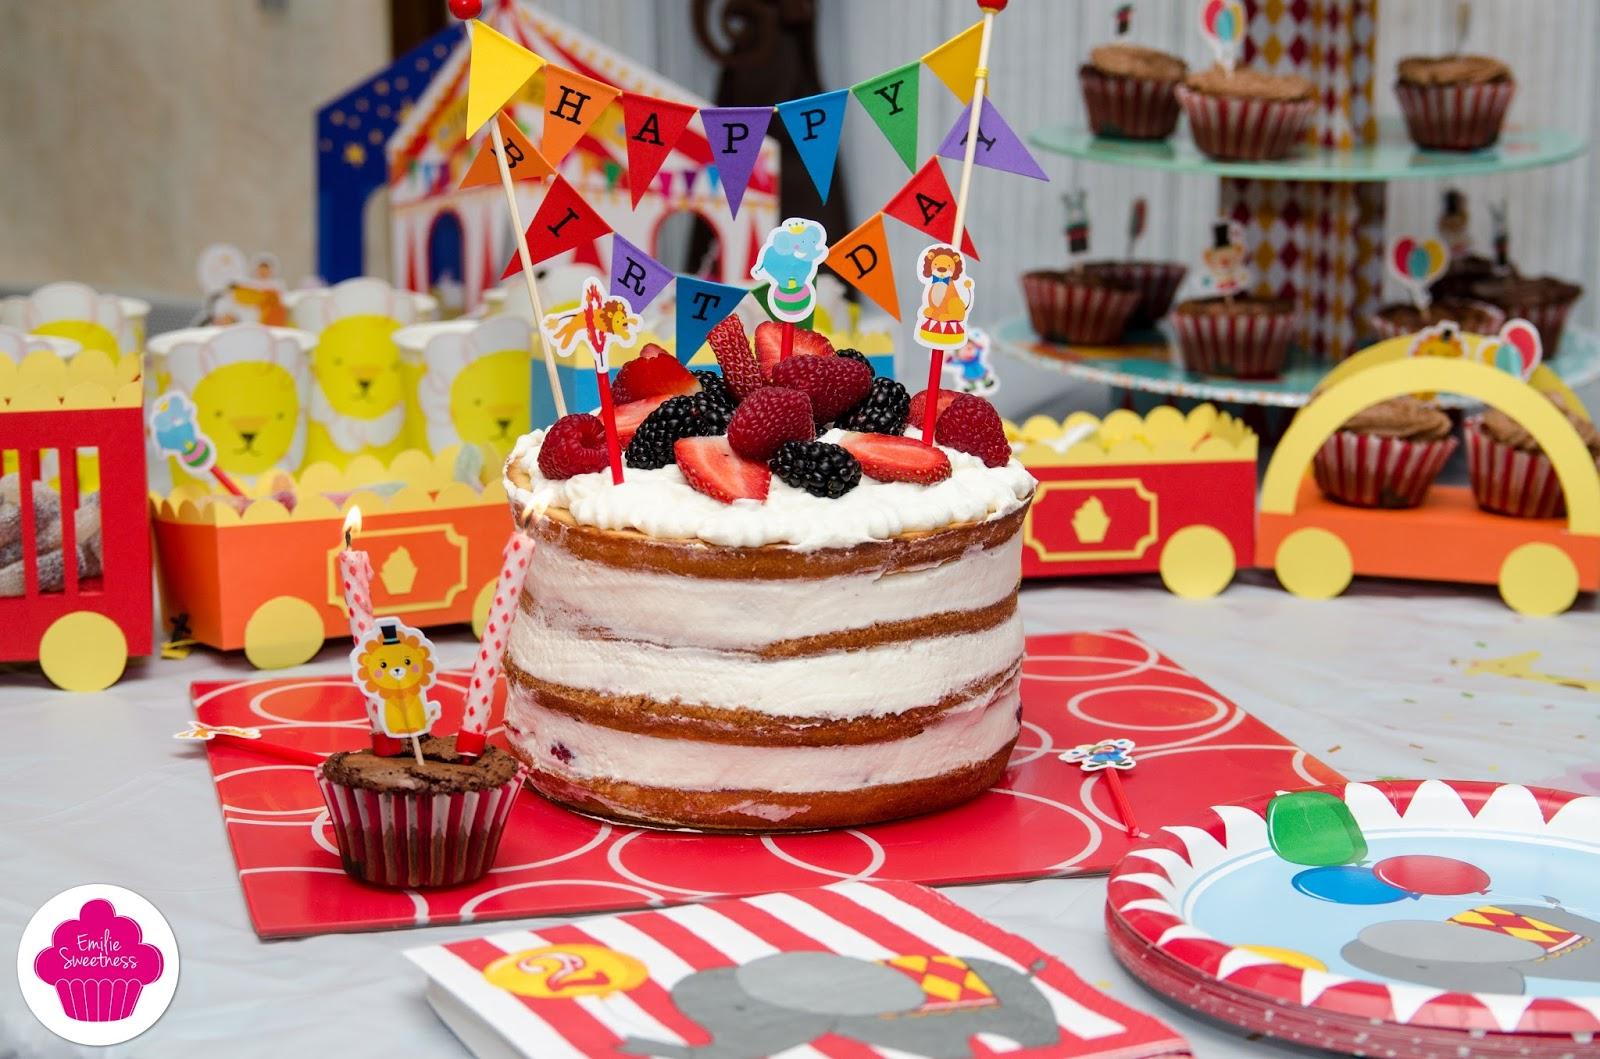 17 meilleures idées à propos de Gâteaux Danniversaire sur Pinterest